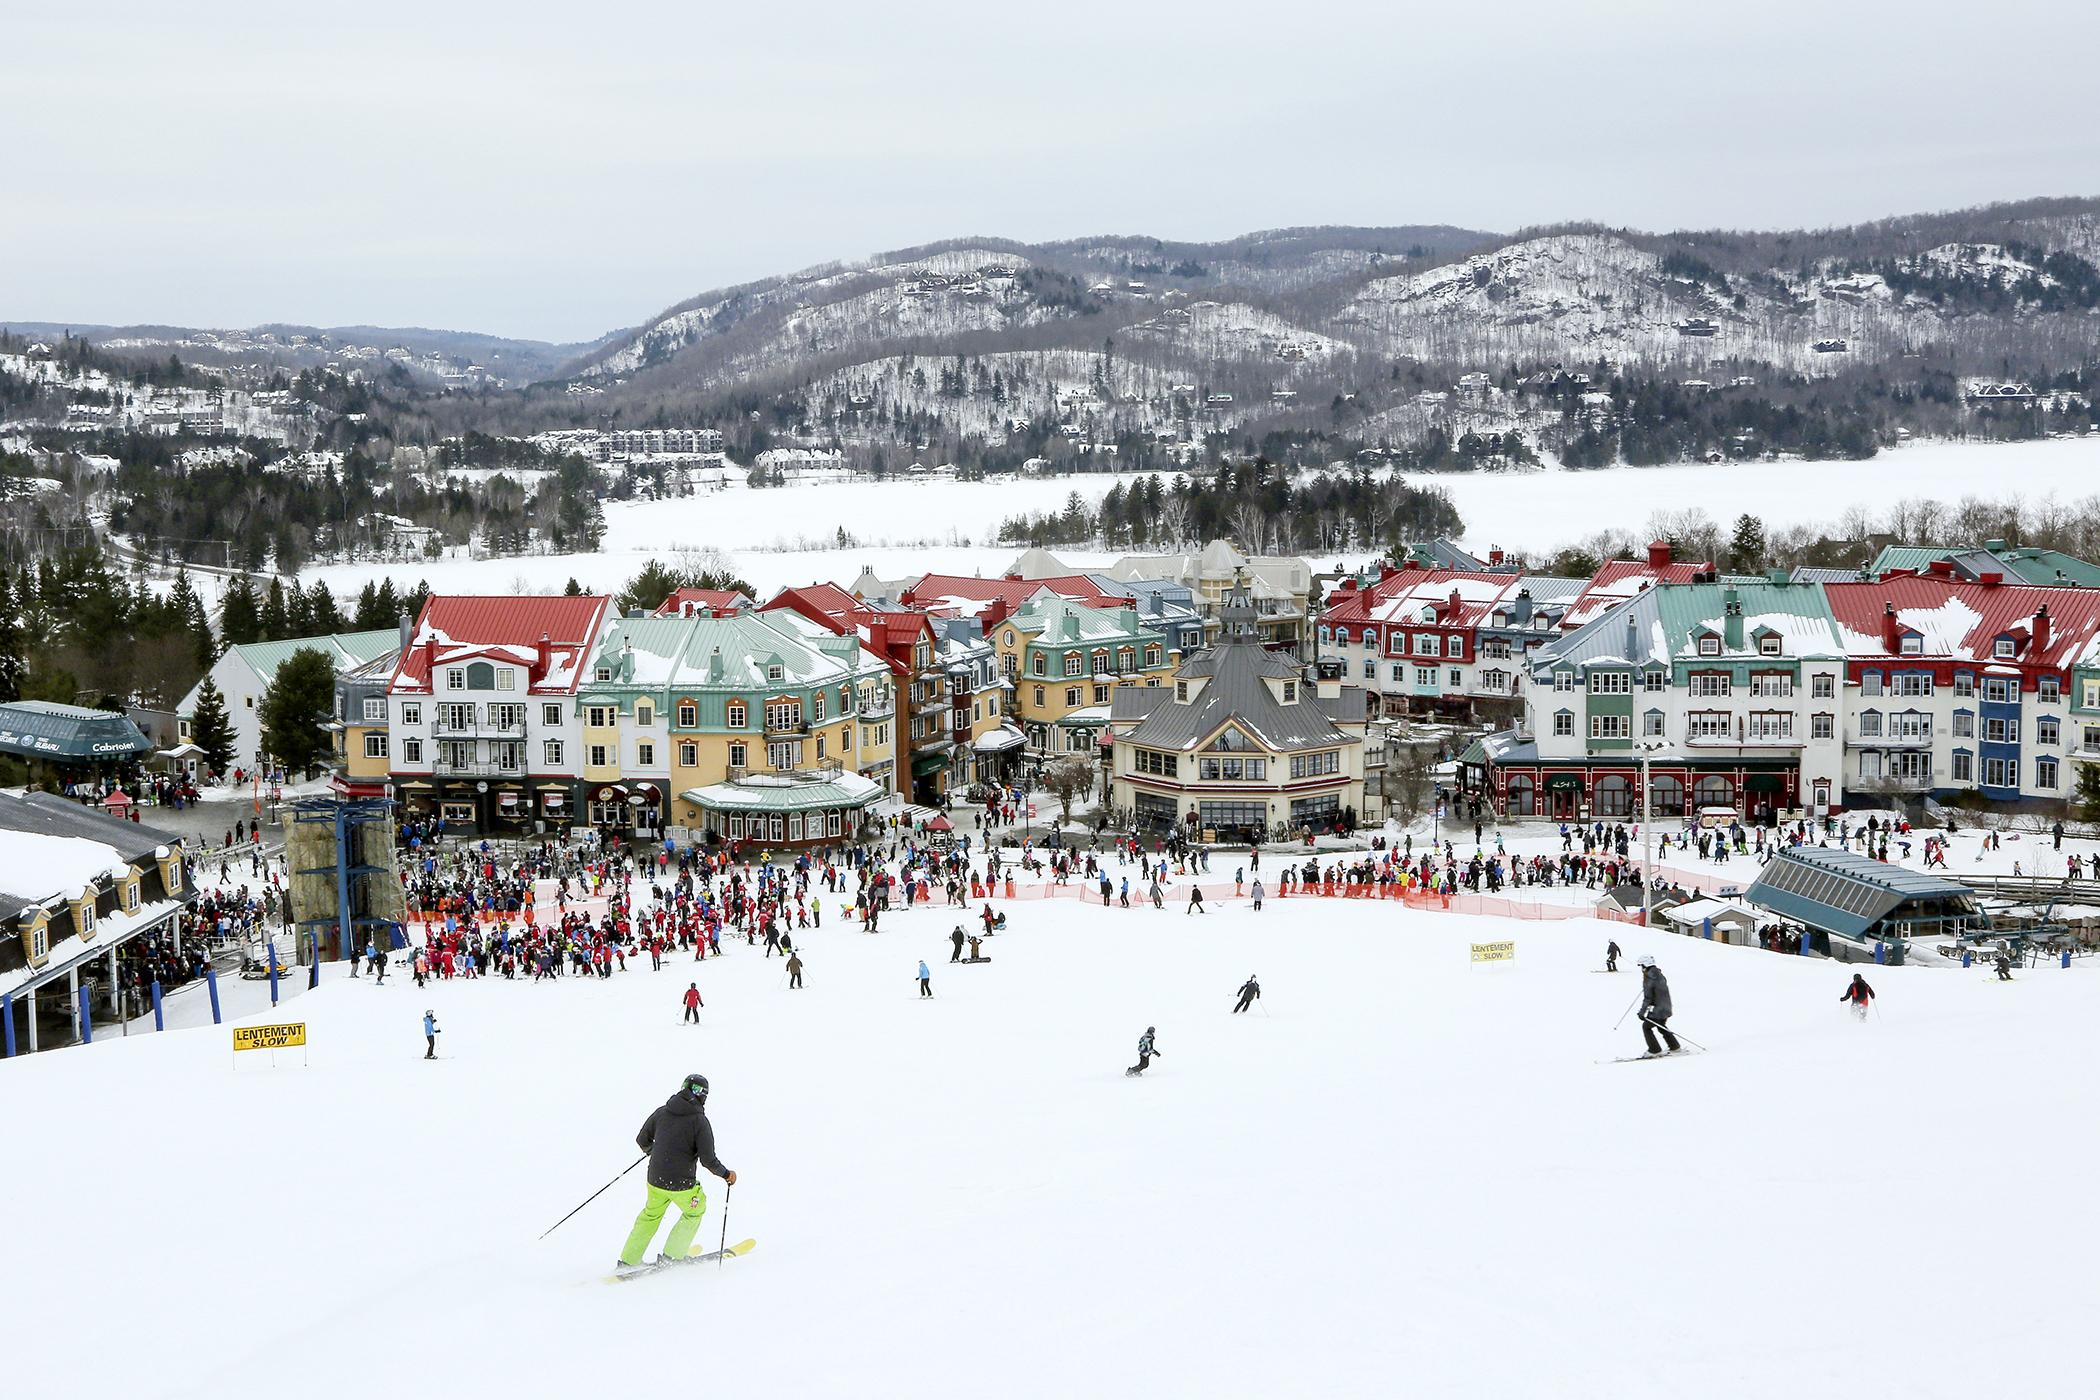 Skiing at Mt Tremblant